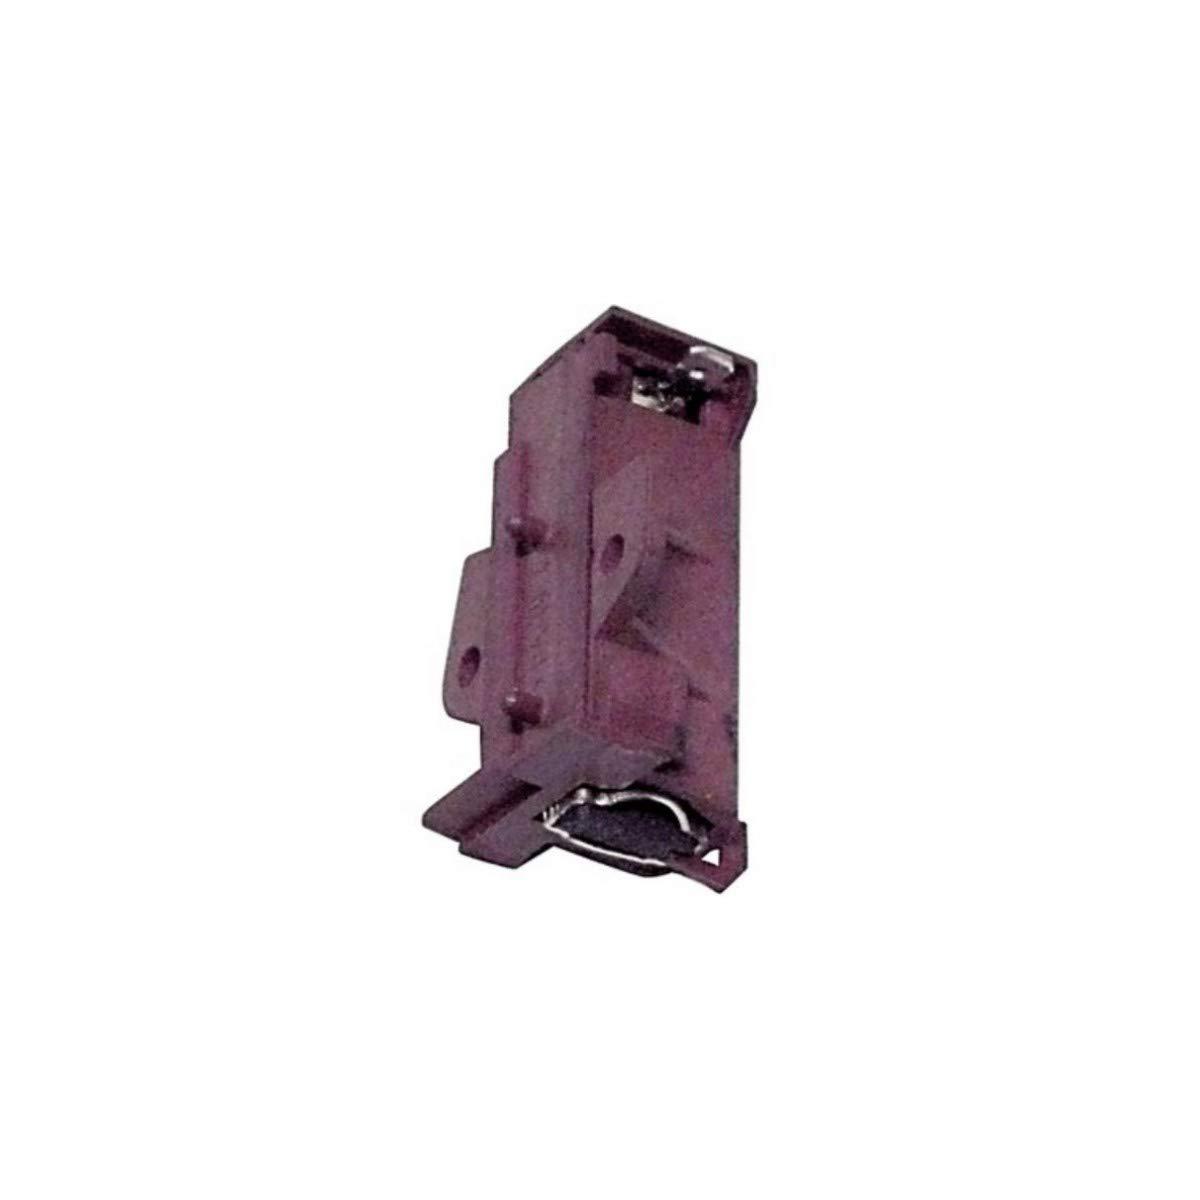 Recamania Escobilla Motor Lavadora Otsein CM2610/1-37 VHD6113D-37 ...